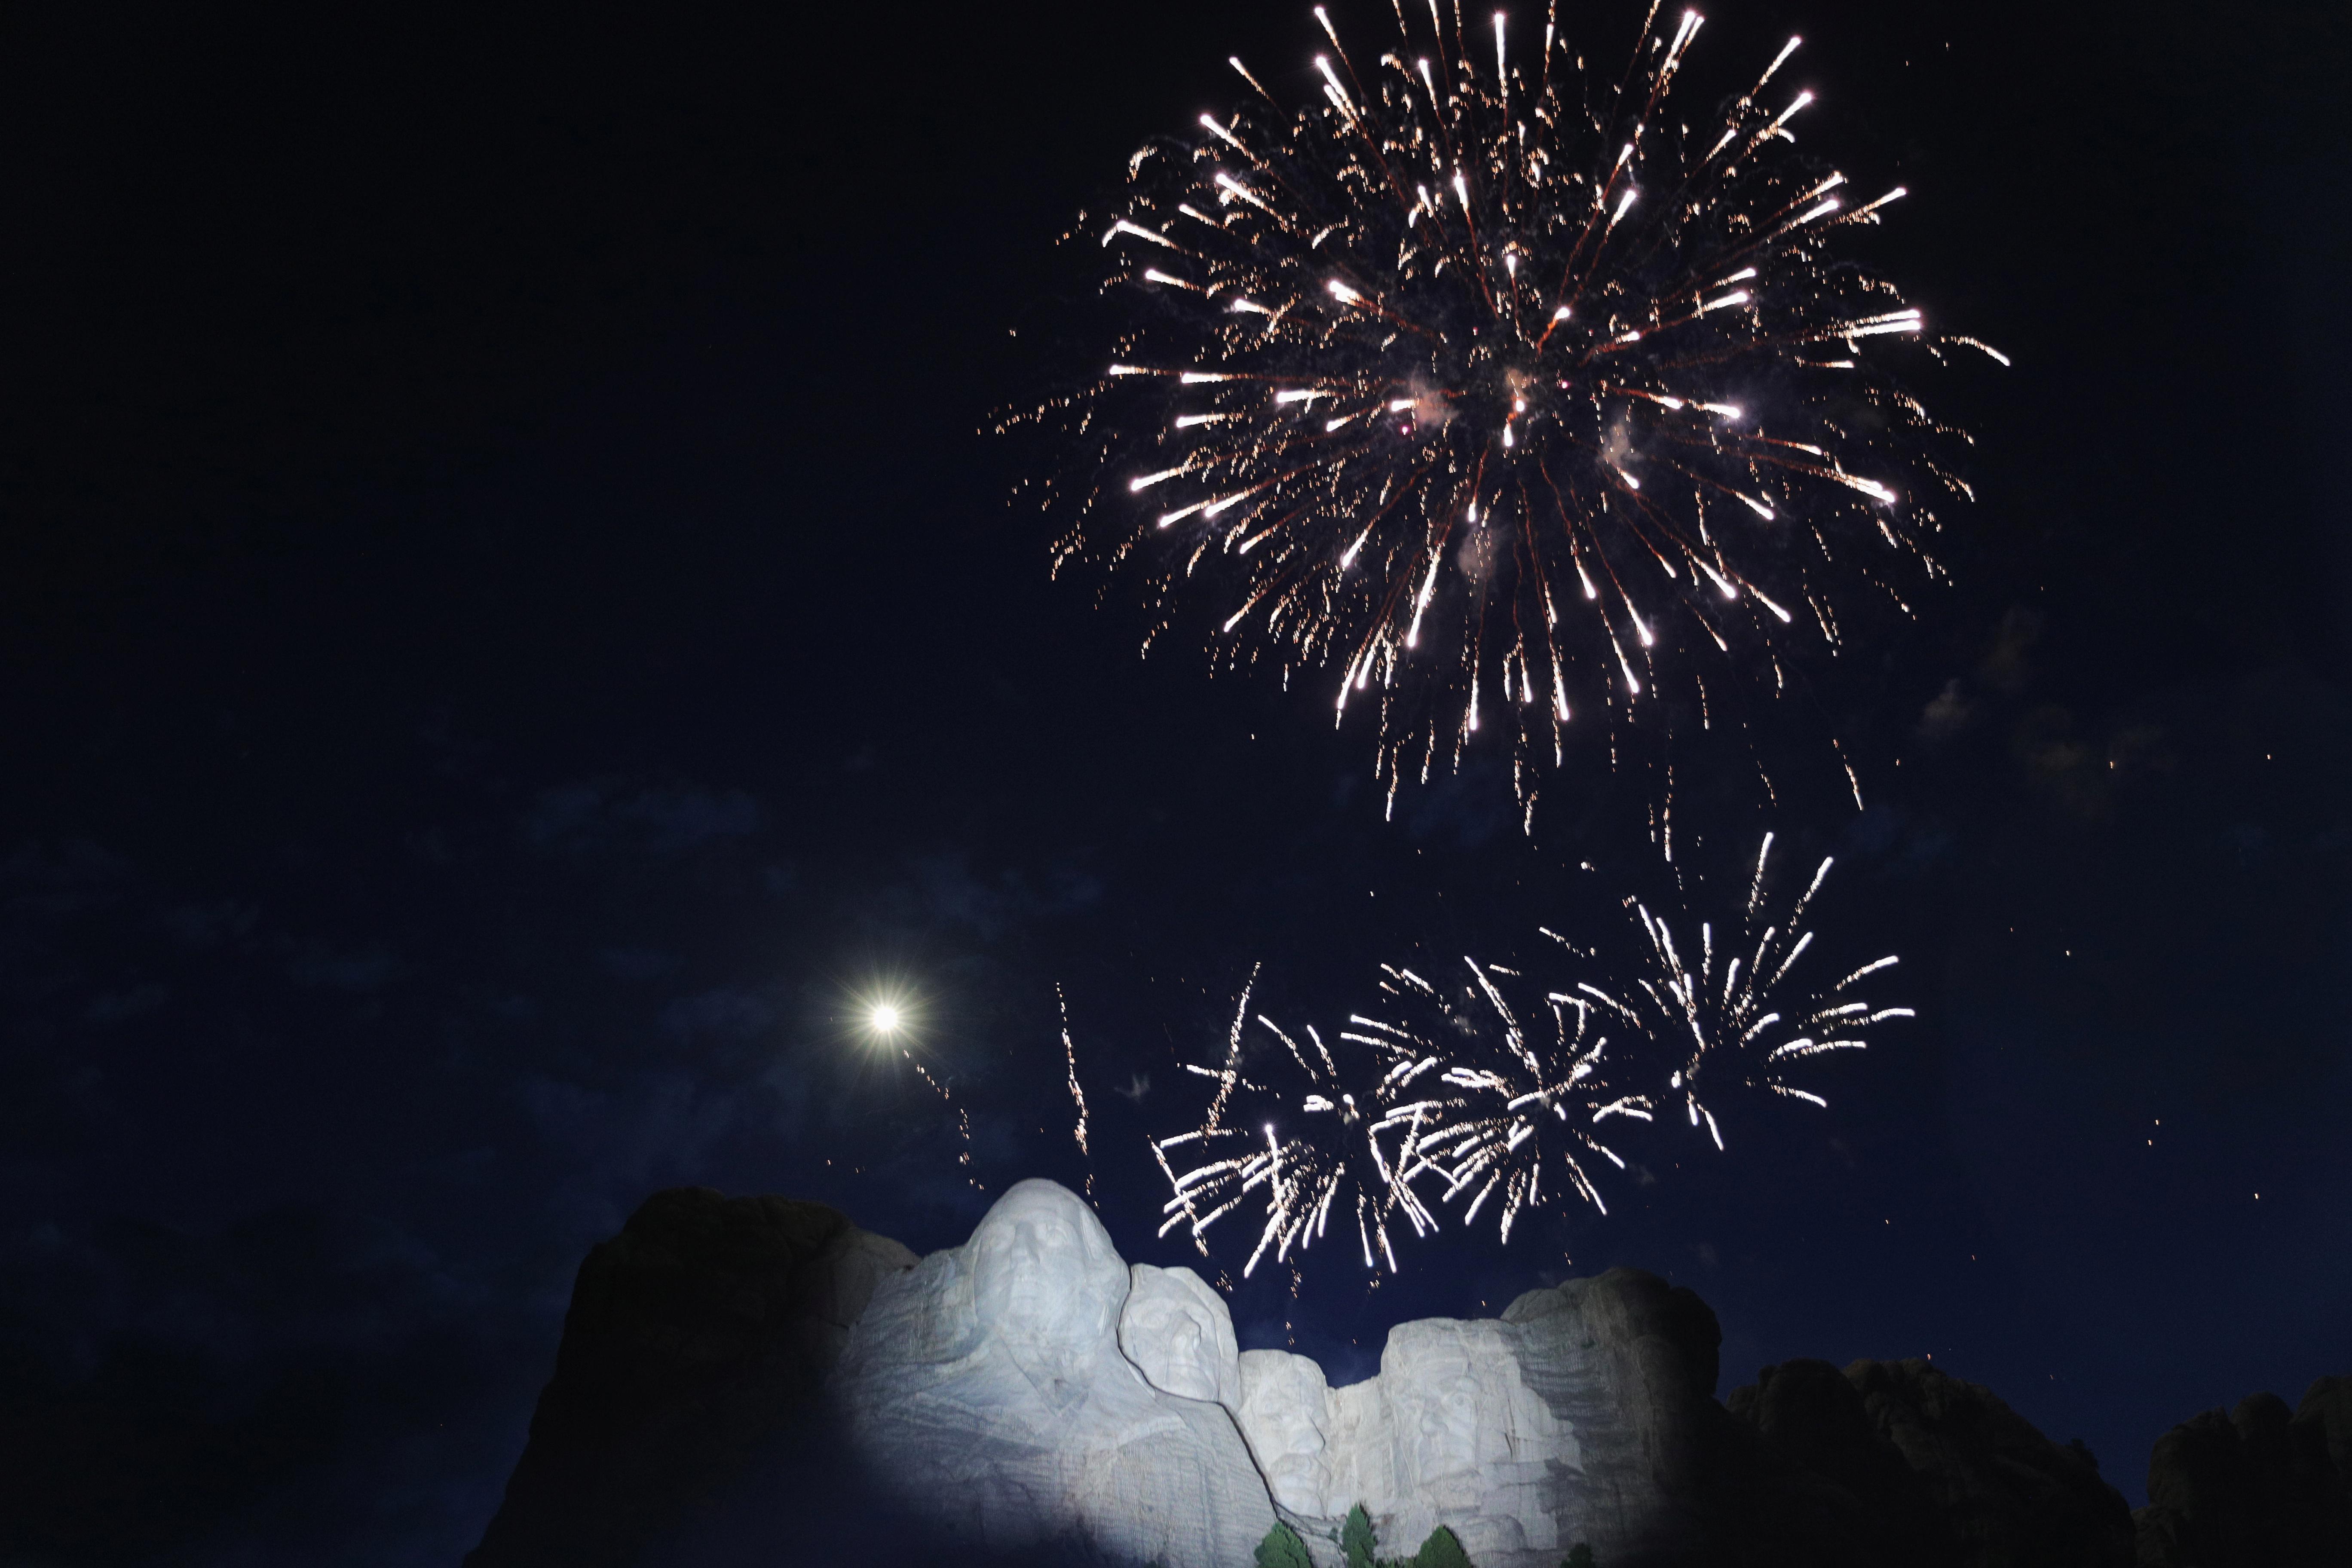 El monumento Rushmore y al fondo los fuegos artificiales